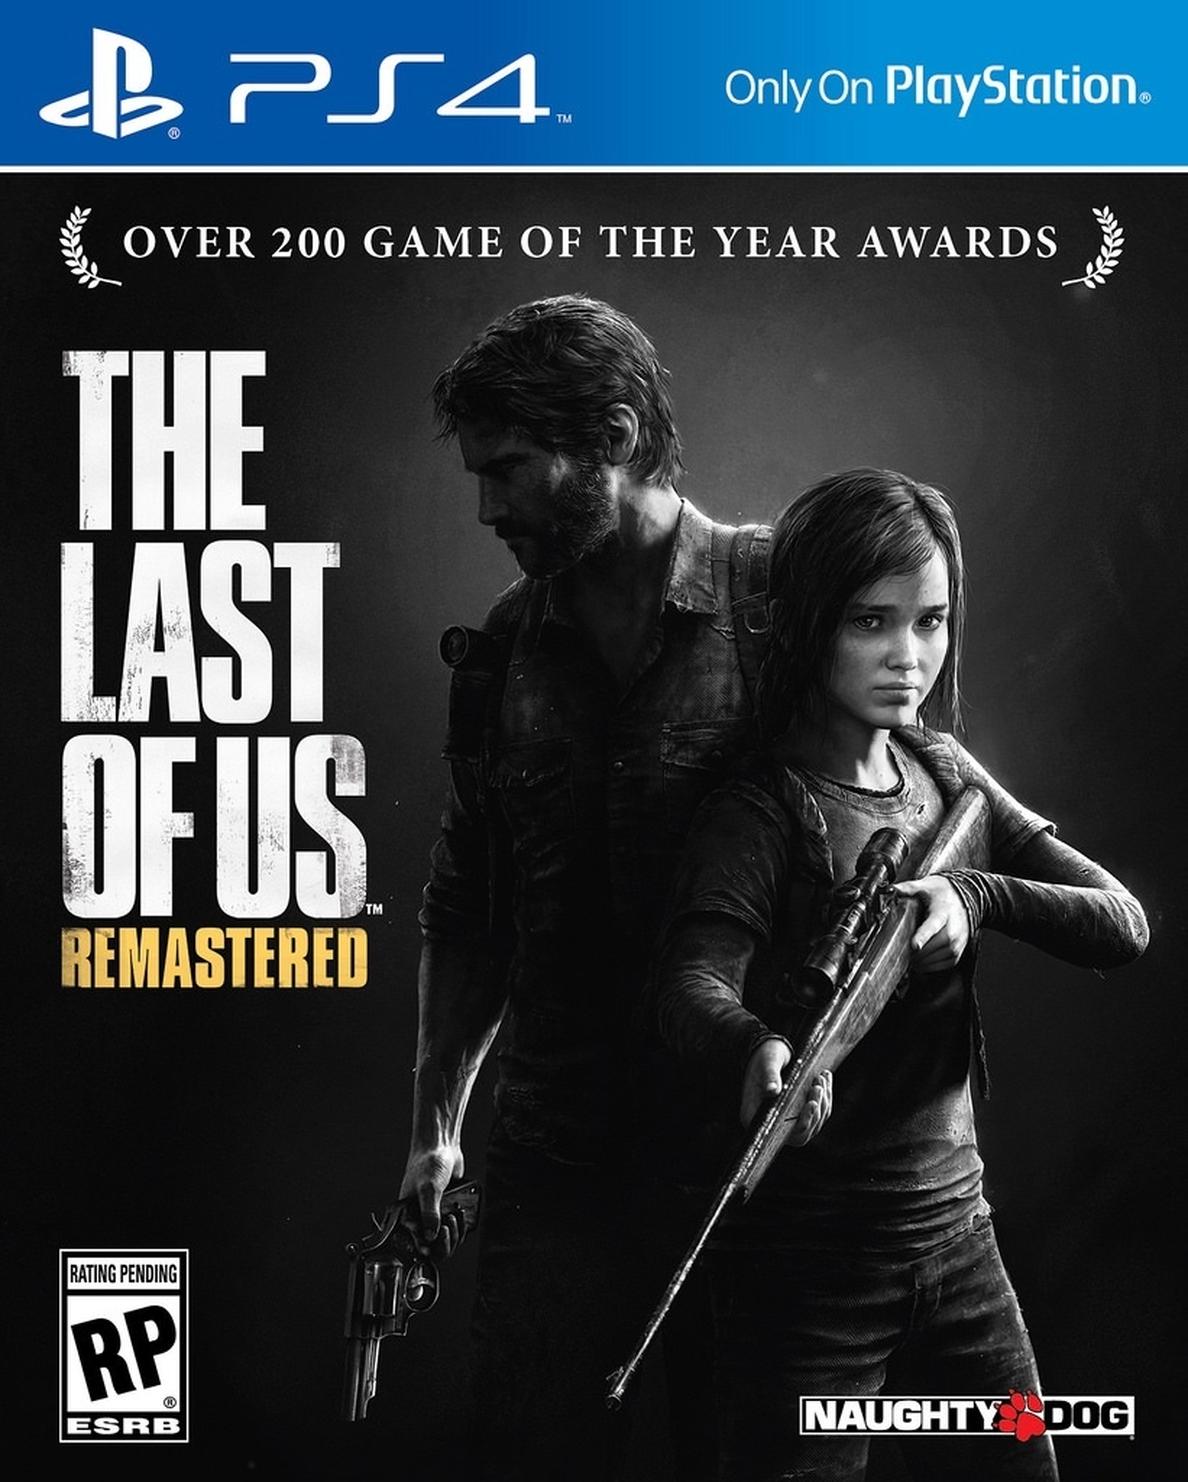 The Last of Us llegará finalmente a PlayStation 4 en verano de 2014